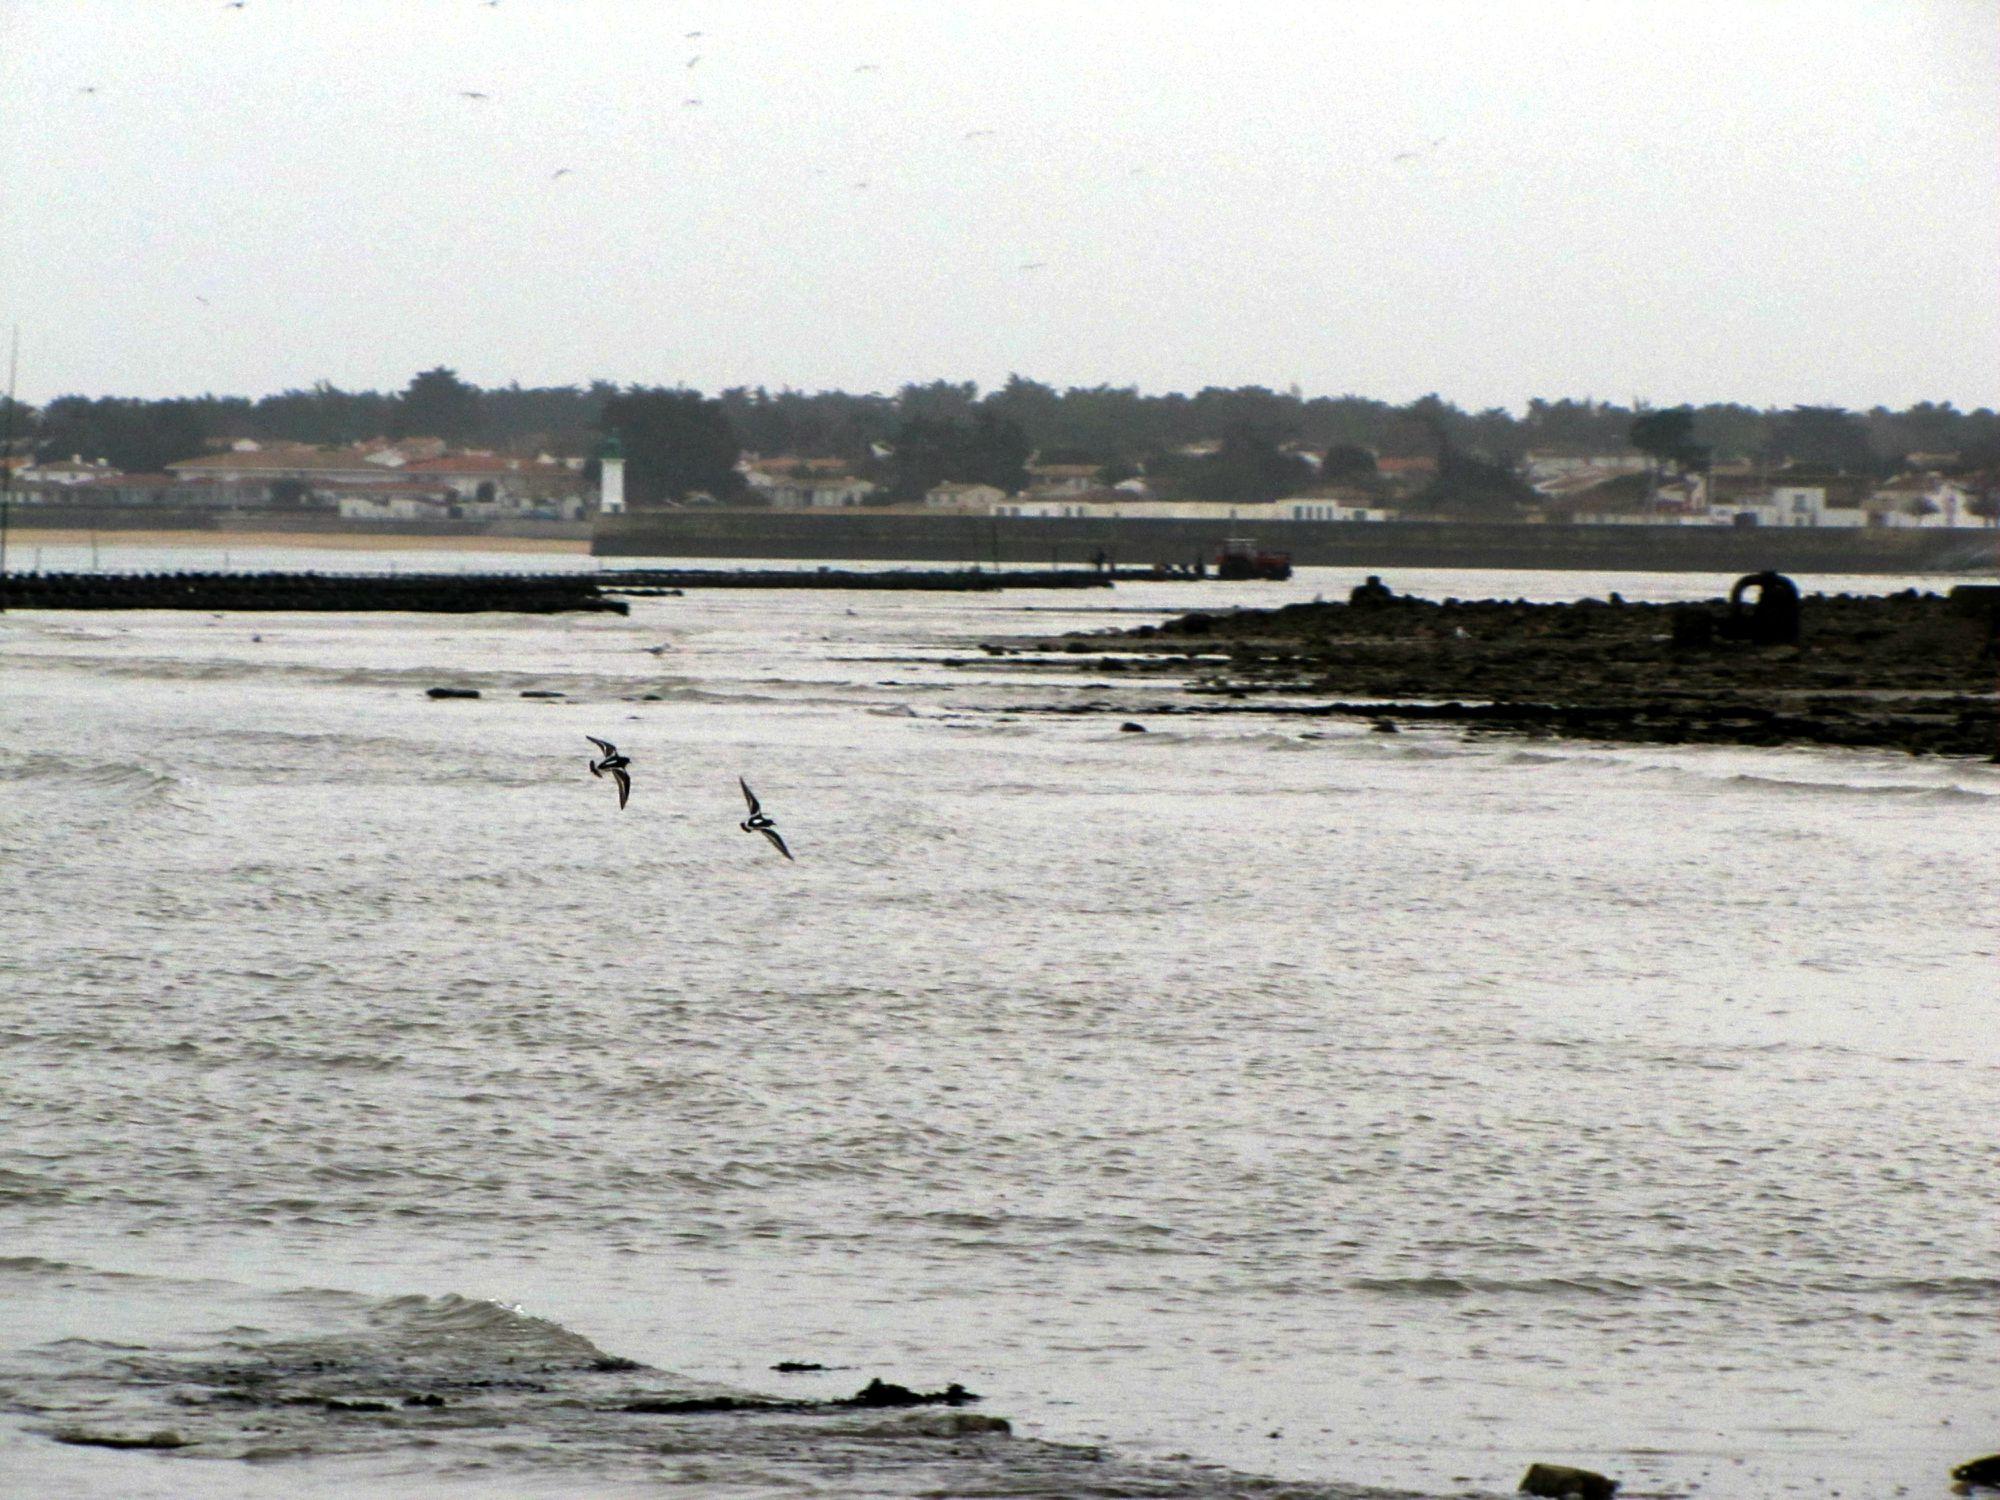 Oiseaux ile de re foto Mo2 (40)-h1500